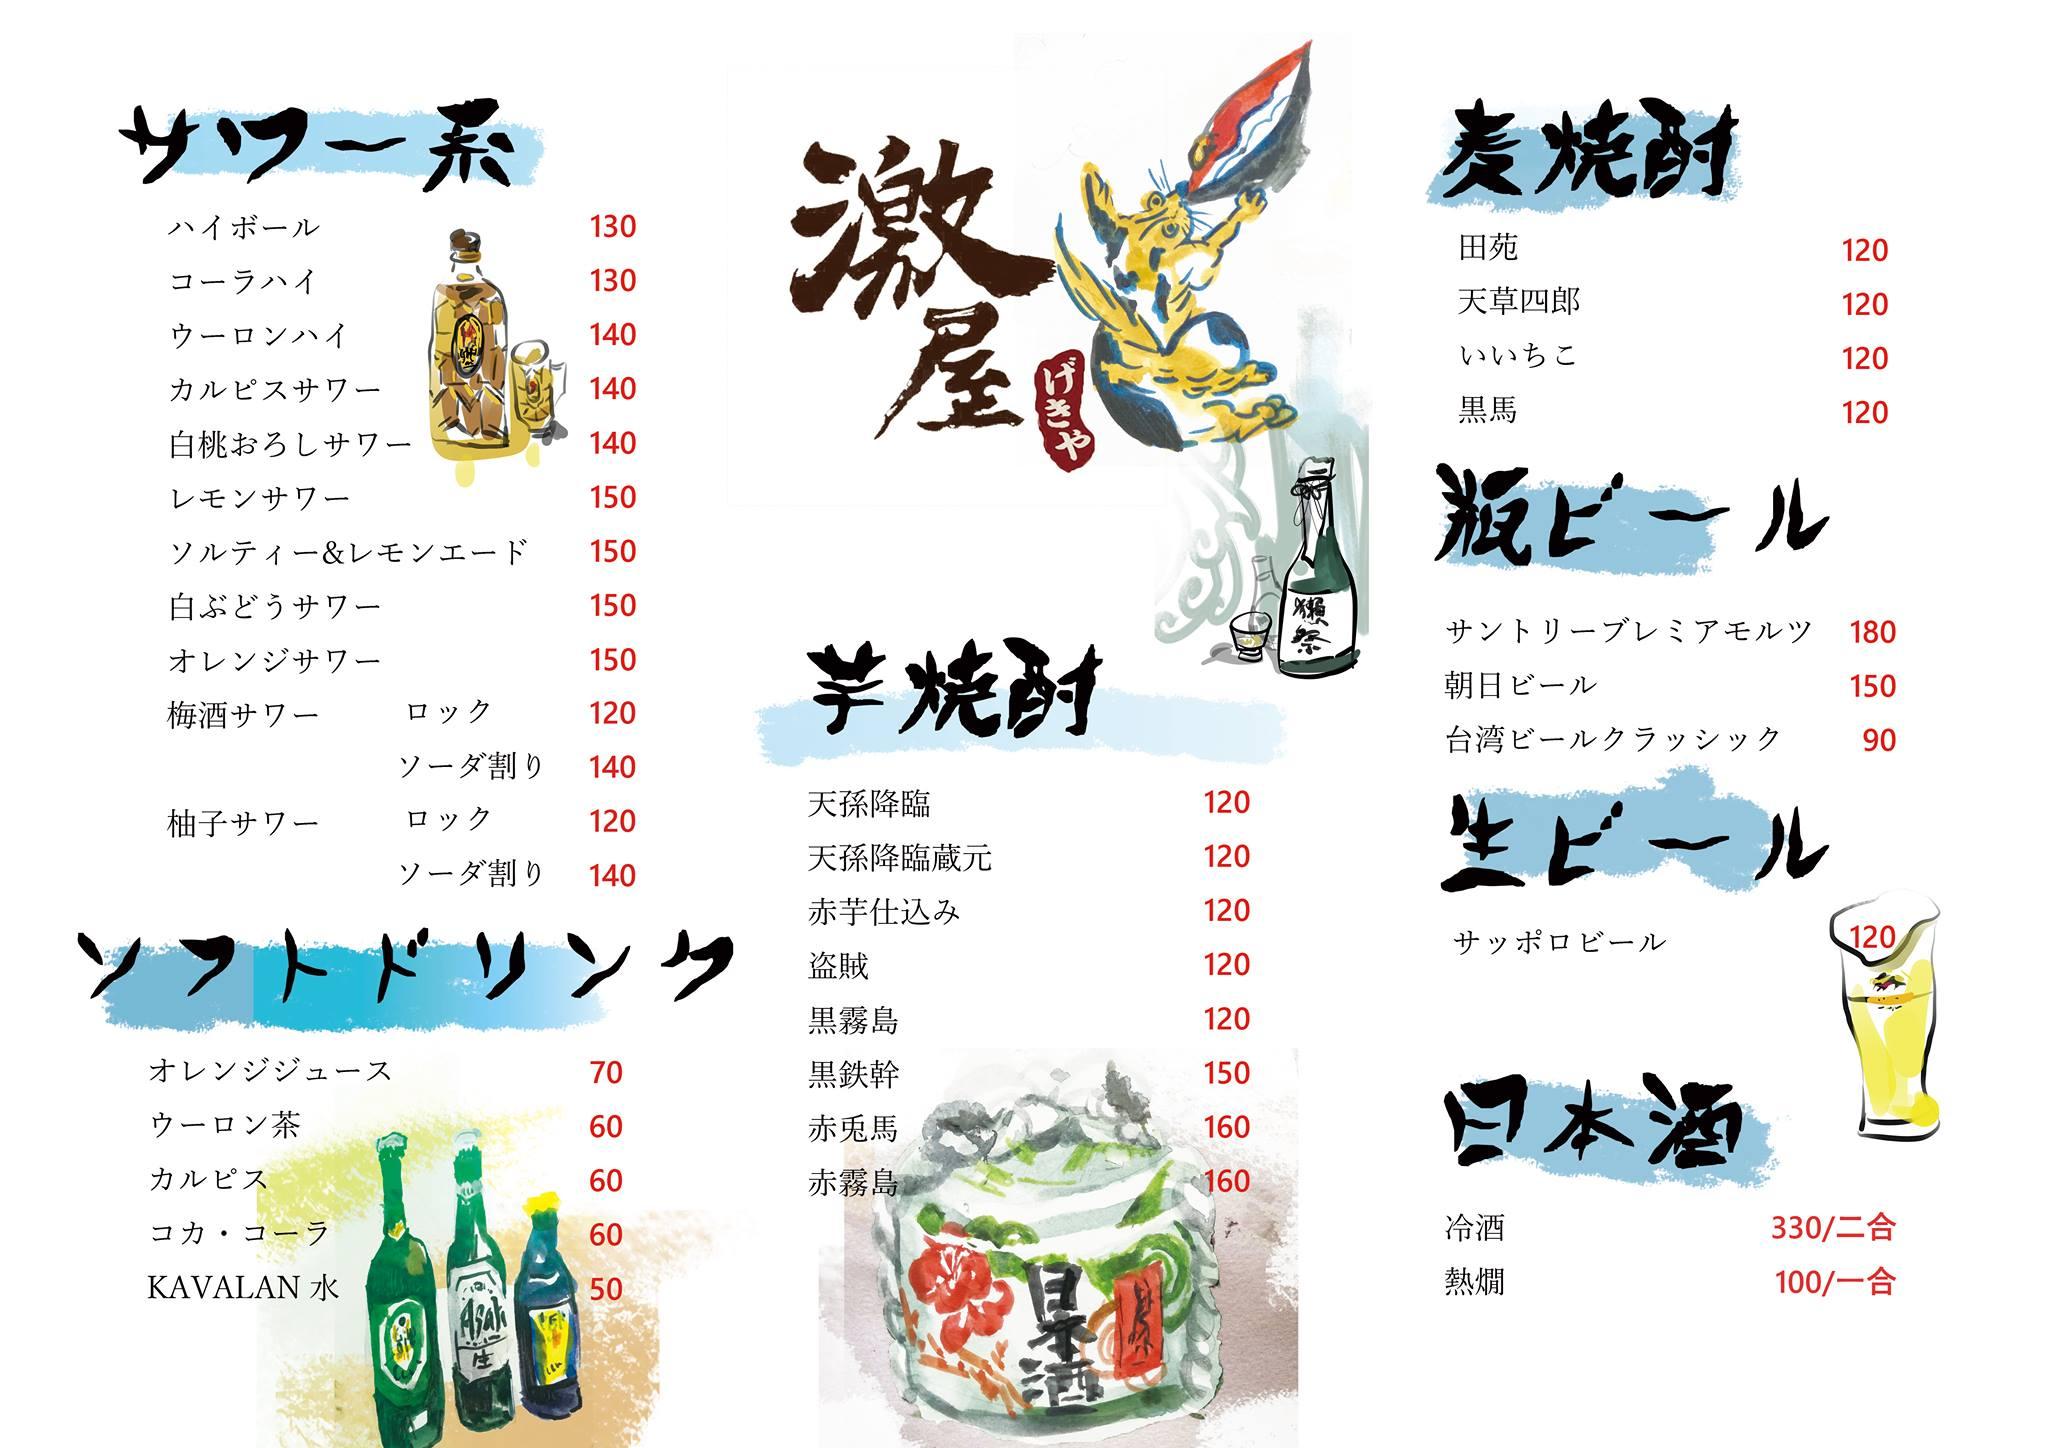 台北|激屋居酒屋|一秒到日本~林森七條通的超優居酒屋|11月啤酒喝到飽只要588|林森商圈美食推薦